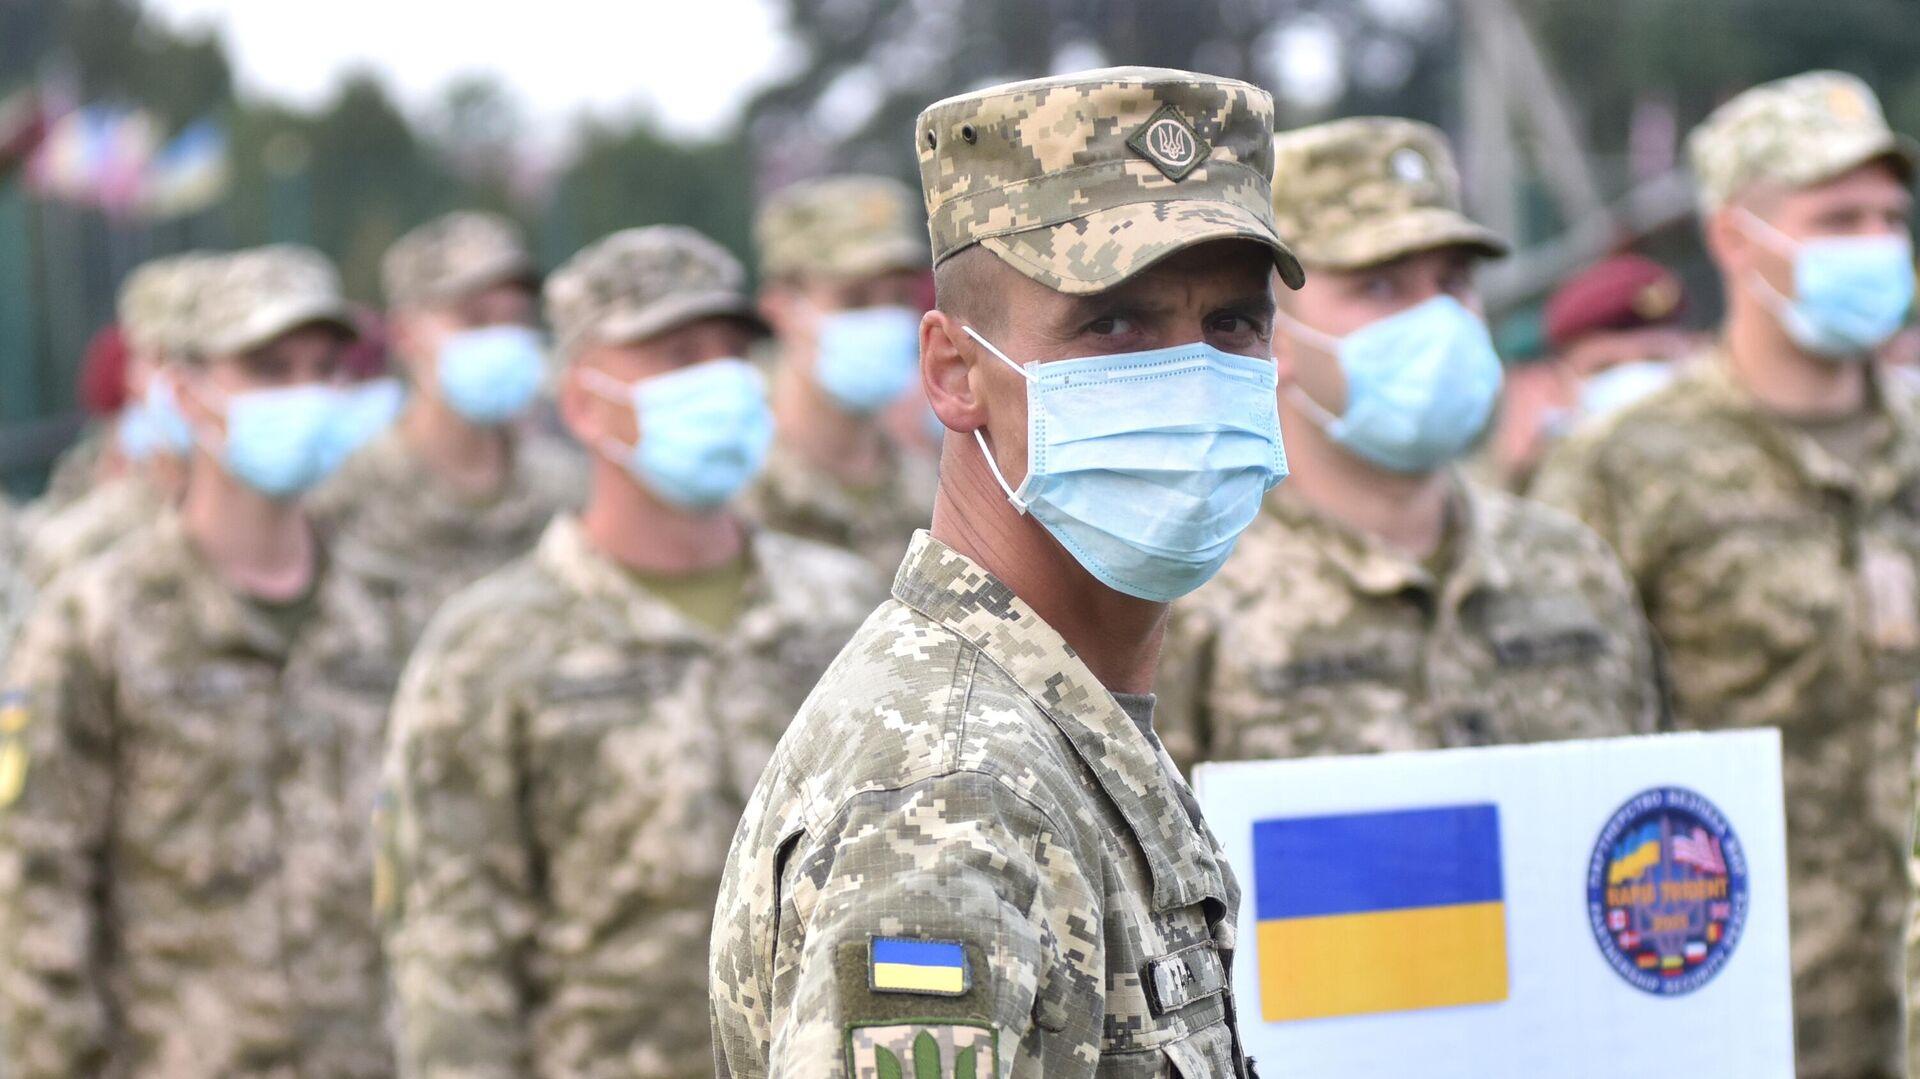 Военнослужащие Украины на церемонии открытия военных совместных военных учений Украины и стран НАТО Rapid Trident-2020 - РИА Новости, 1920, 04.10.2021